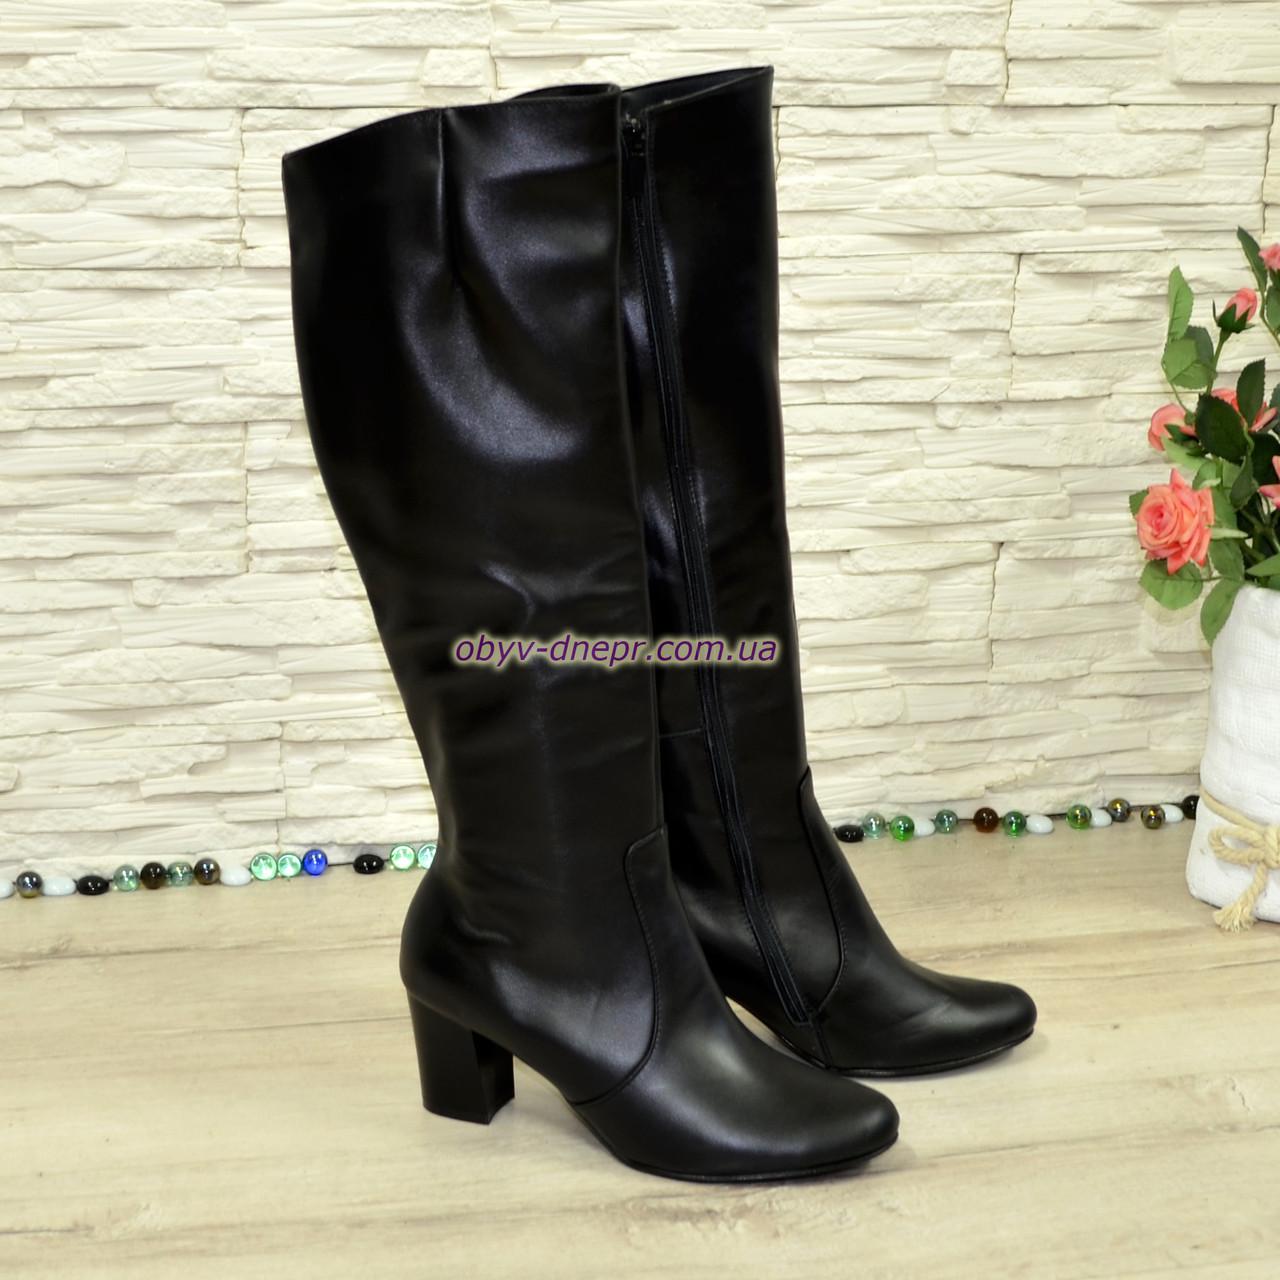 Сапоги женские кожаные зимние на каблуке